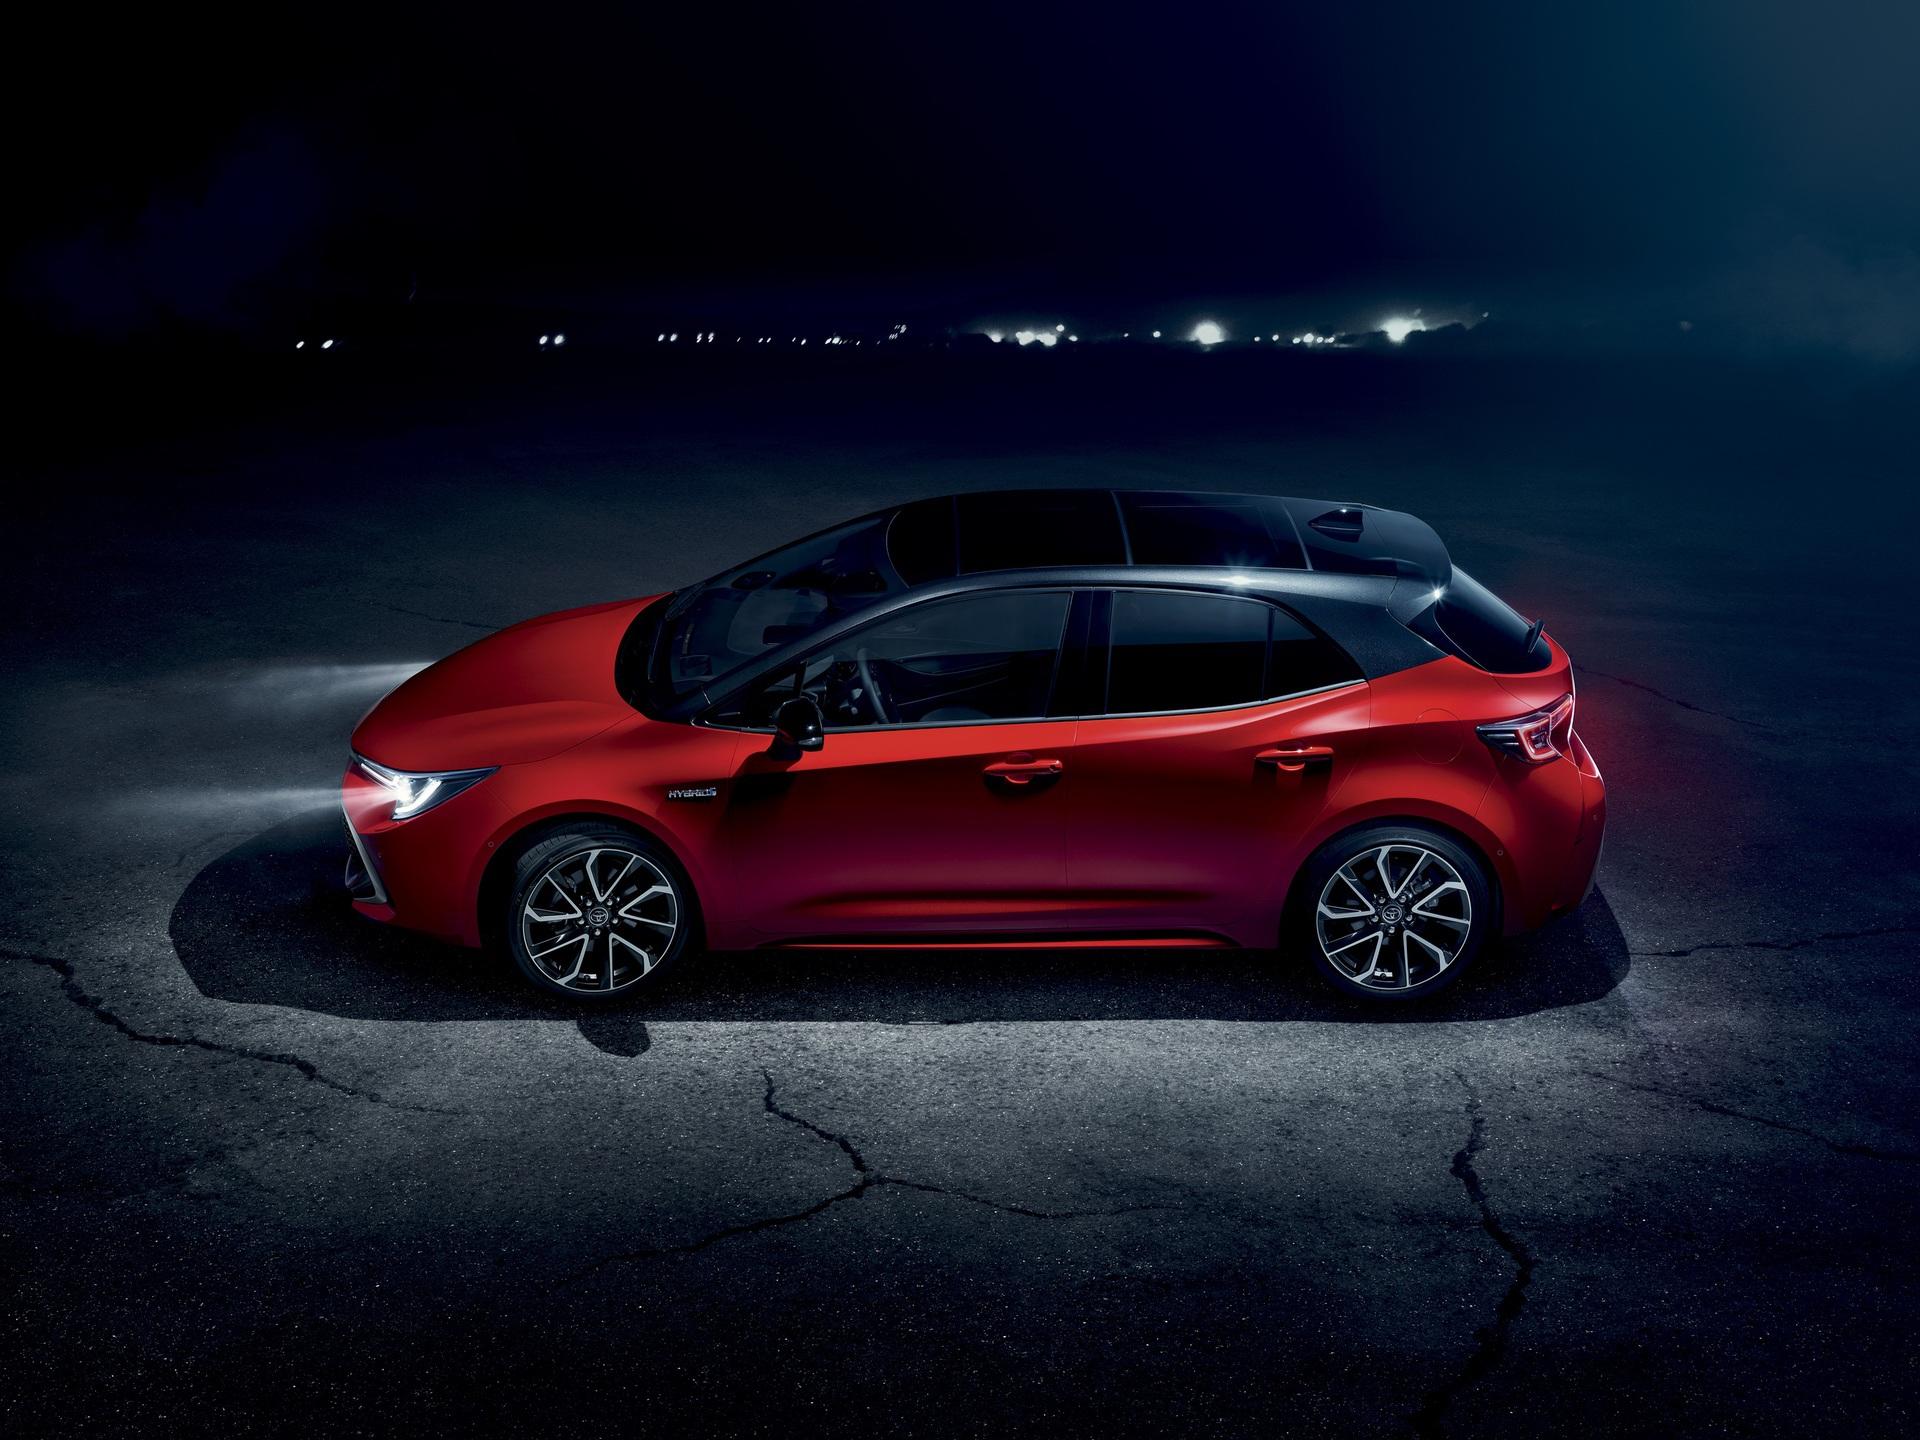 2019_Toyota_Corolla_Hatchback_02